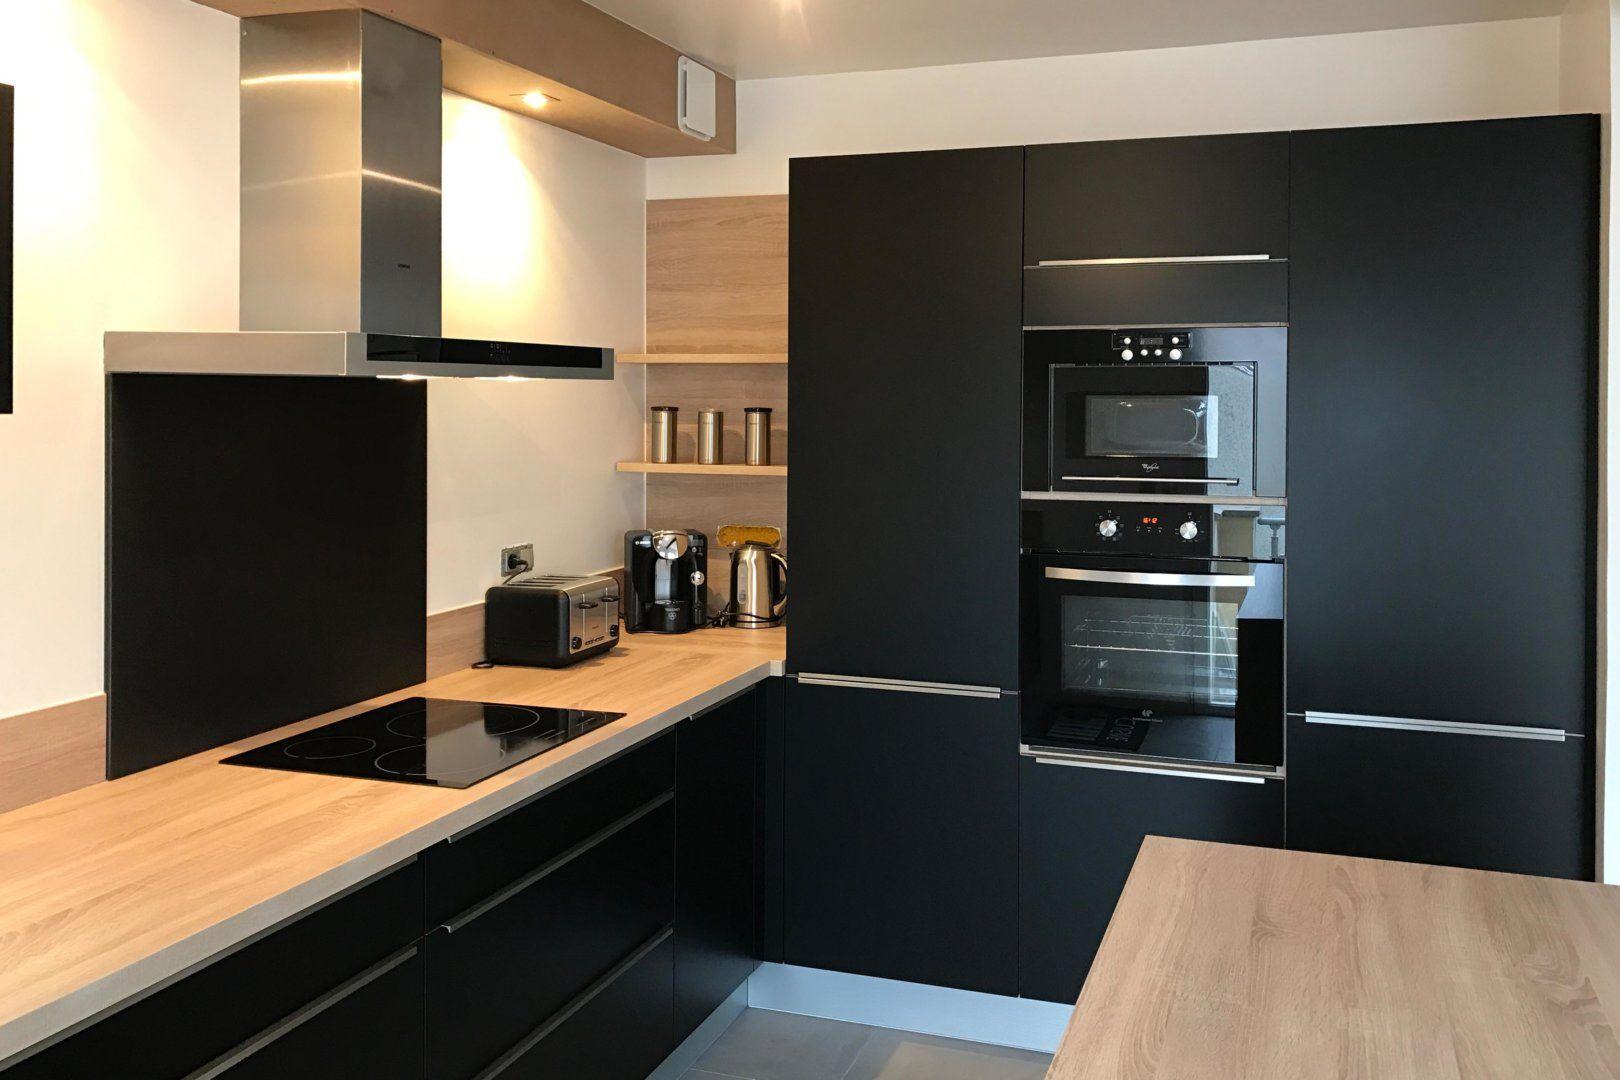 Kundenspezifische Kochstube Soft Black Virginia Kohlenstoff Realis